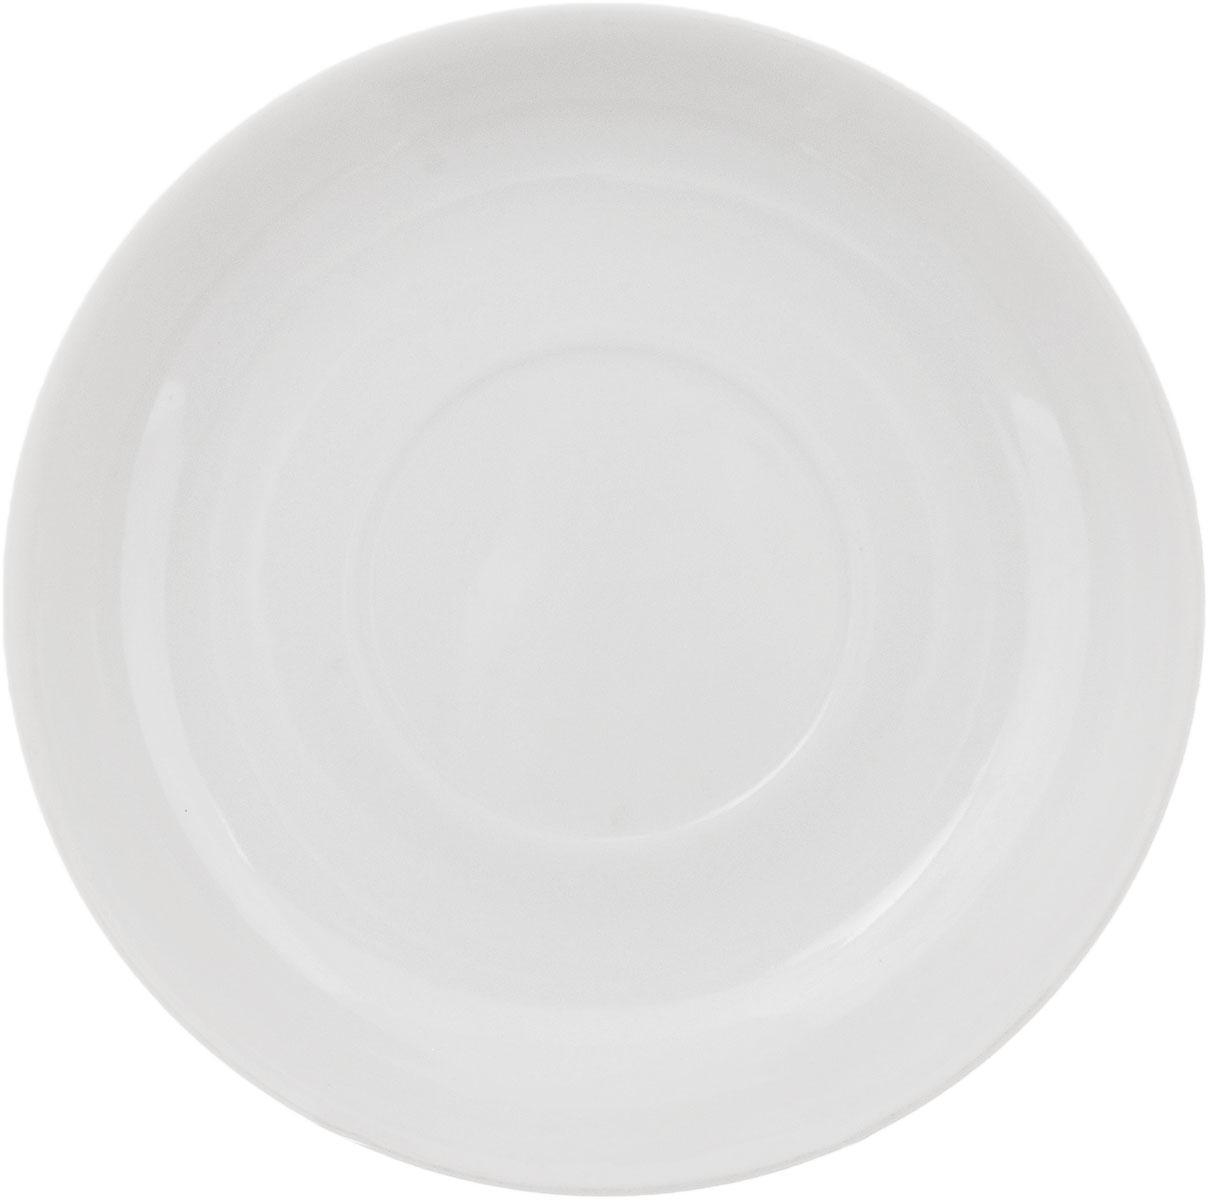 Блюдце Фарфор Вербилок, диаметр 14 см. 74800Б74800ББлюдце Фарфор Вербилок выполнено из высококачественного фарфора. Изделие идеально подойдет для сервировки стола и станет отличным подарком к любому празднику. Диаметр блюдца (по верхнему краю): 14 см. Высота блюдца: 2,5 см.